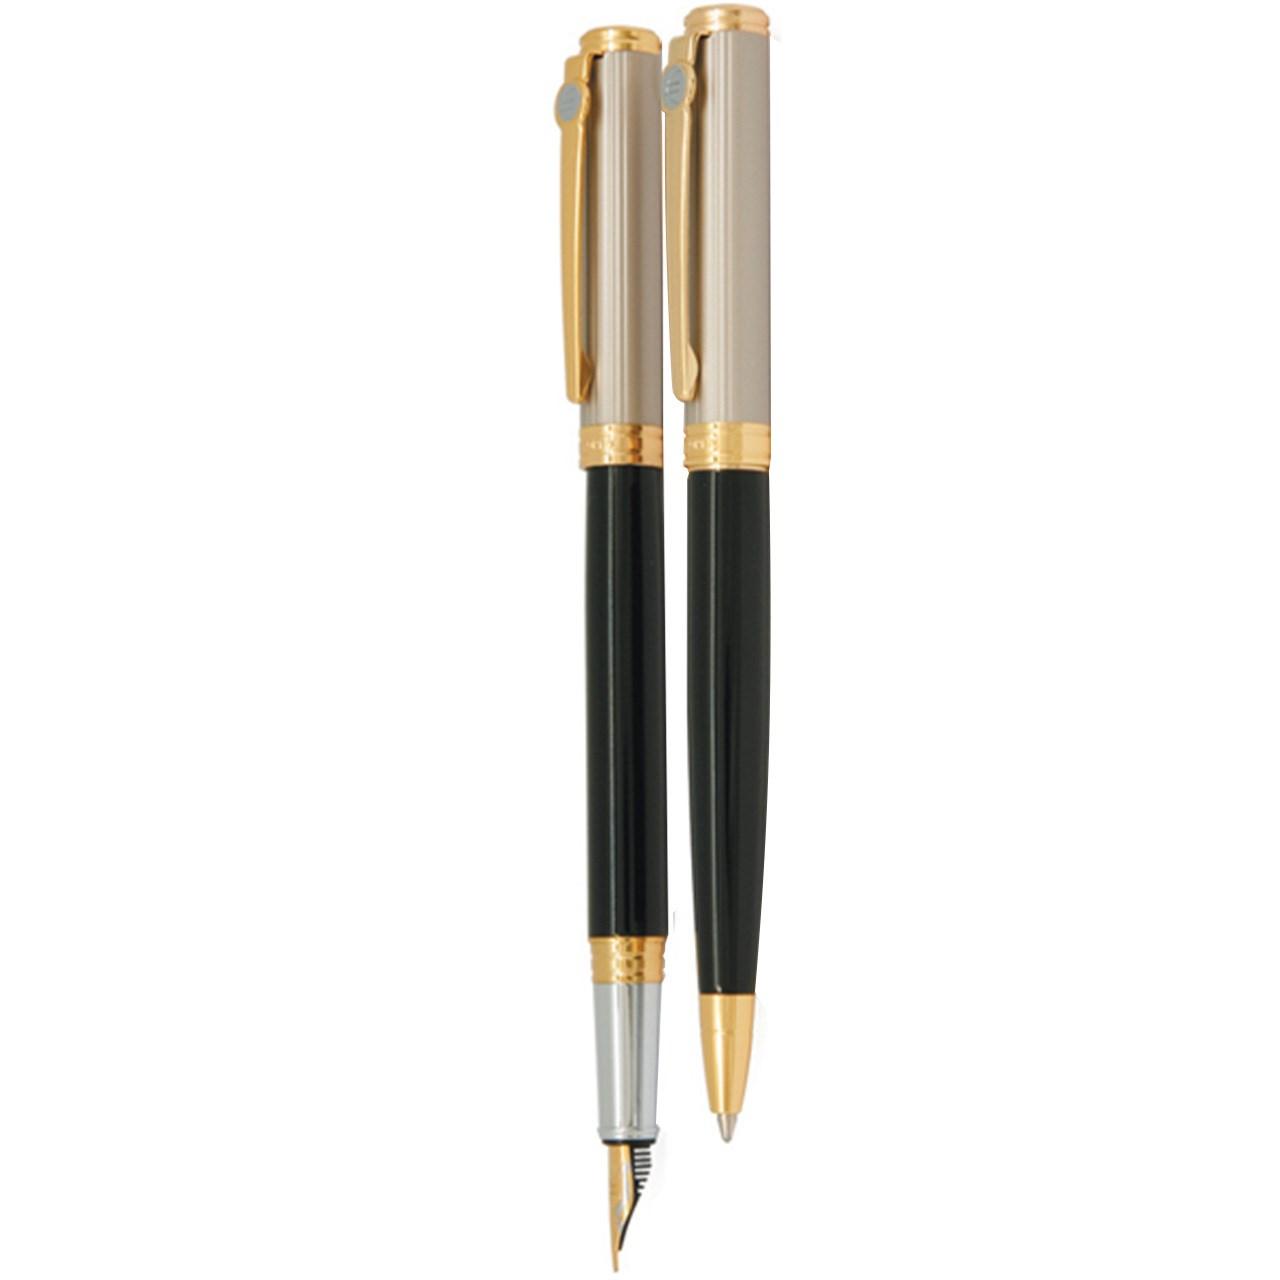 ست خودکار و خودنویس یوروپن مدل Esprit